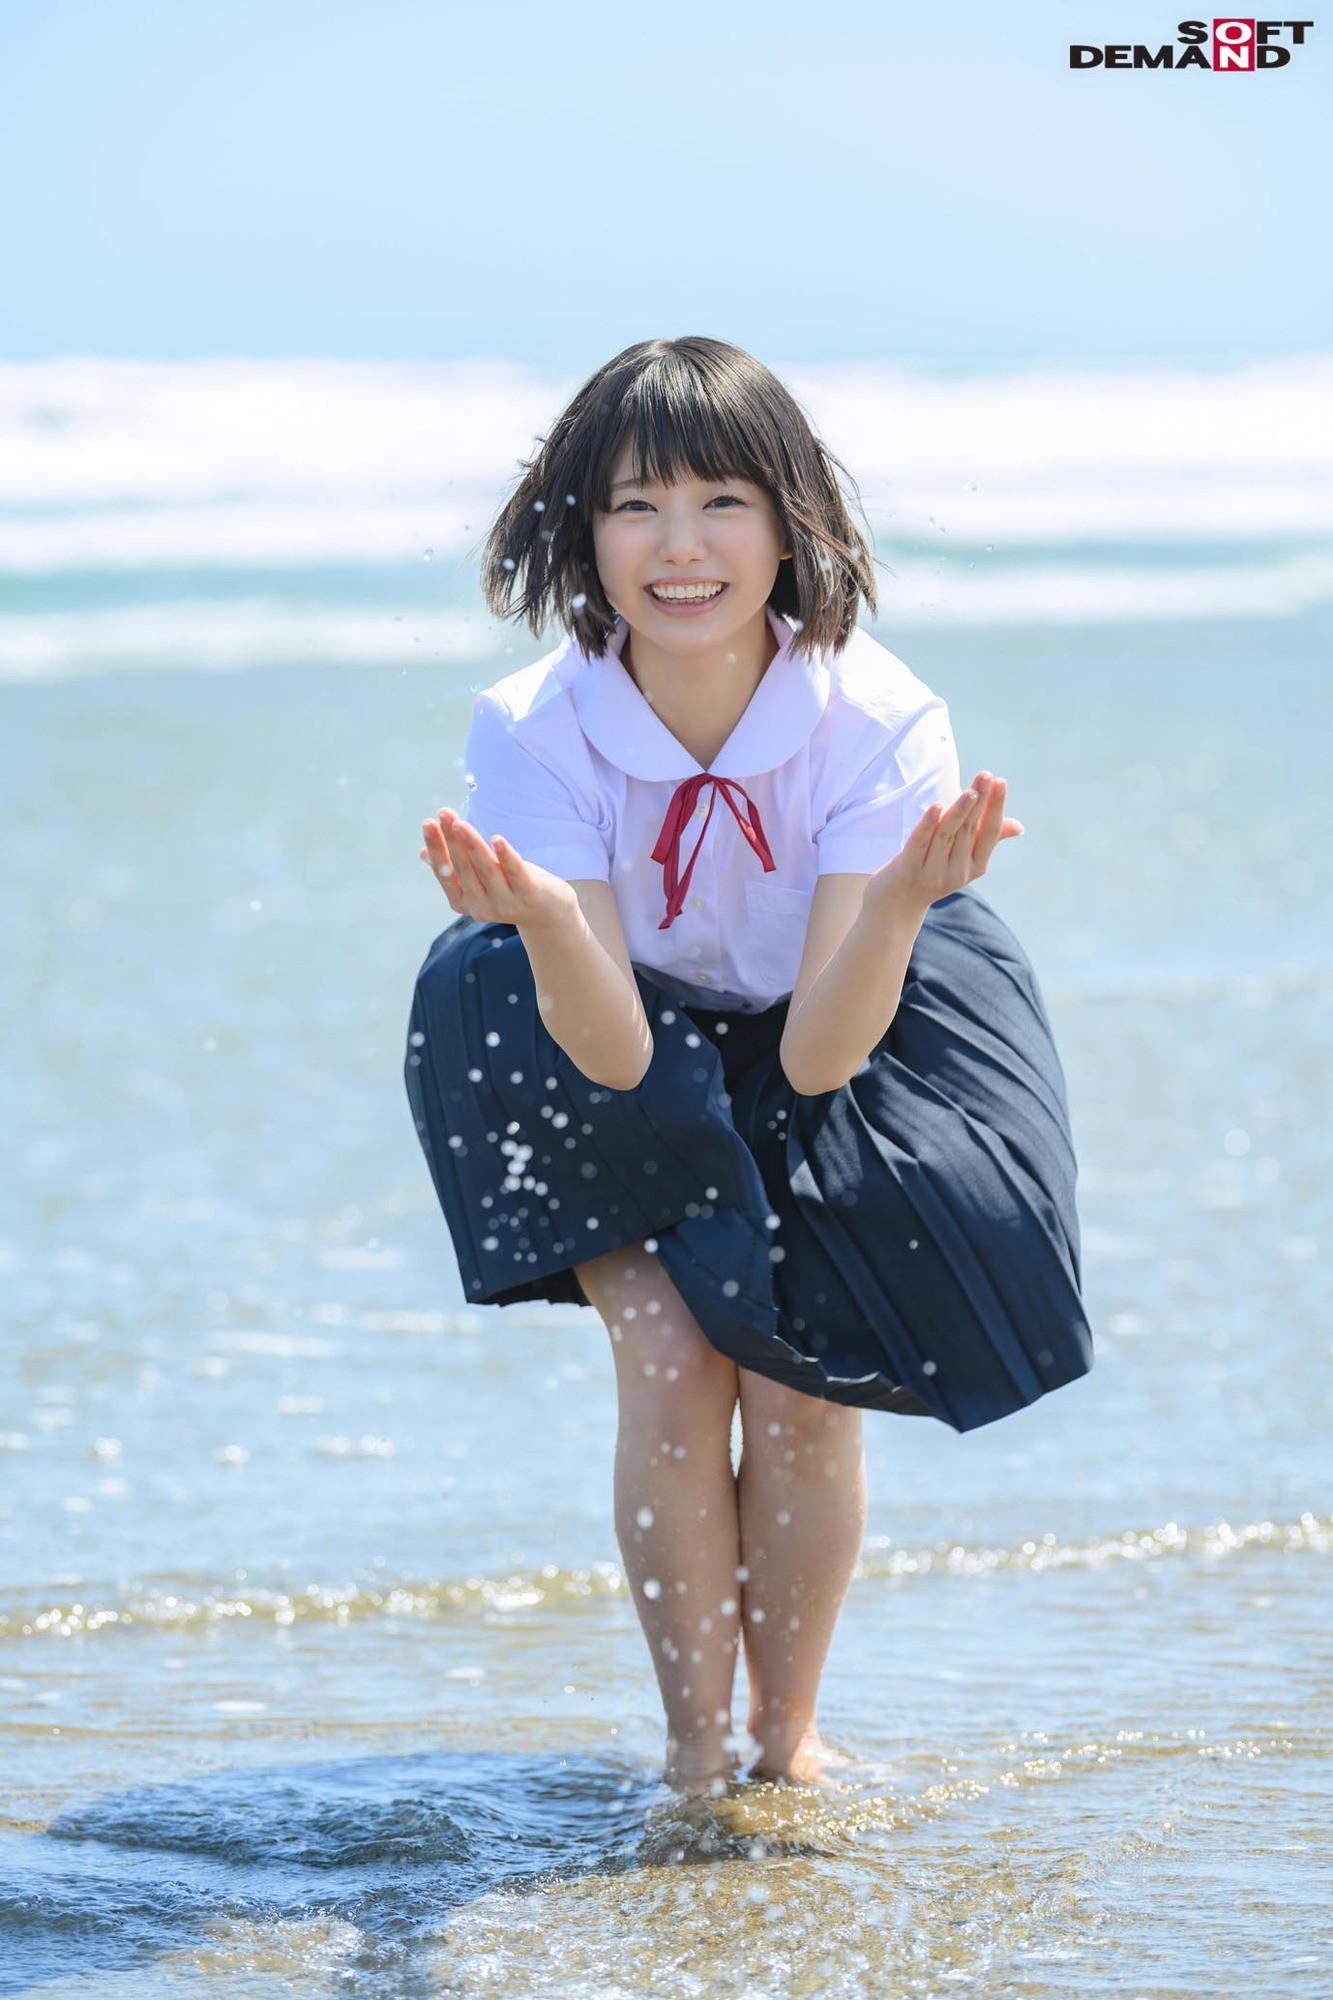 未成熟なカラダ、あやうい美少女 18歳 SOD専属AVデビュー 桃乃りん 画像2